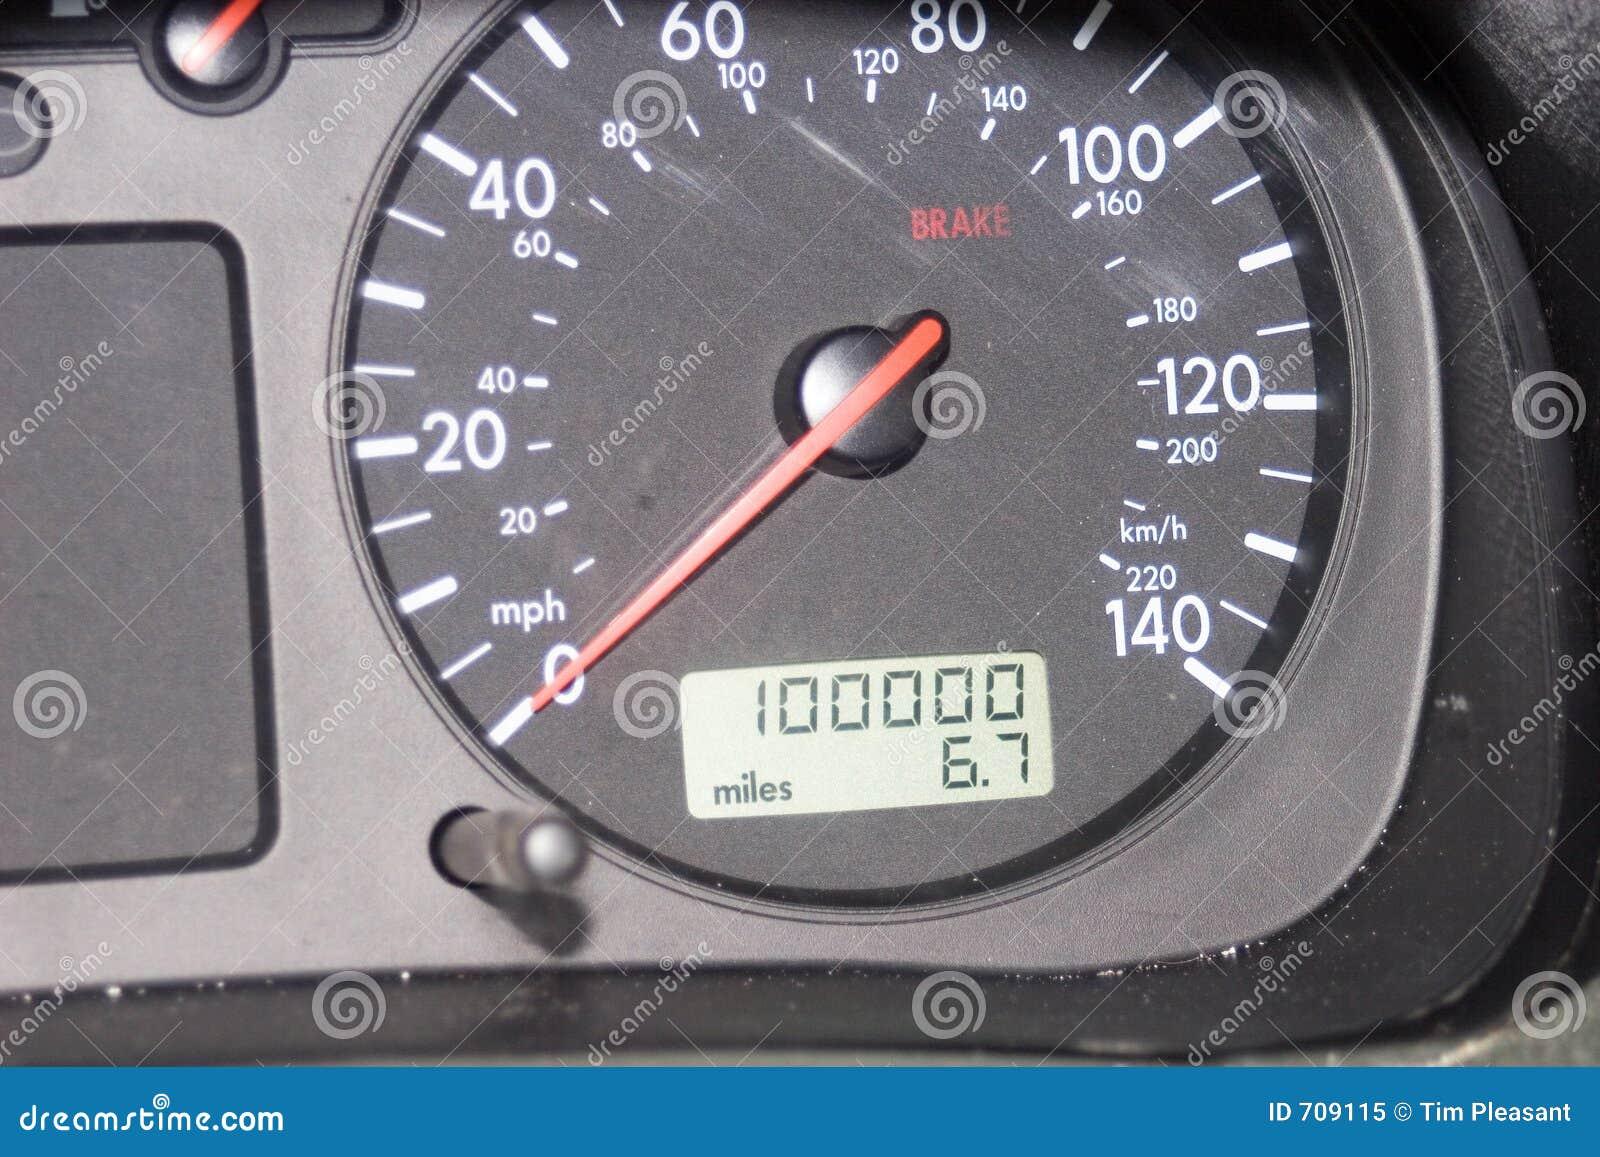 Entfernungsmesser Für Auto : Meilen entfernungsmesser stockbild bild von vorwahlknopf